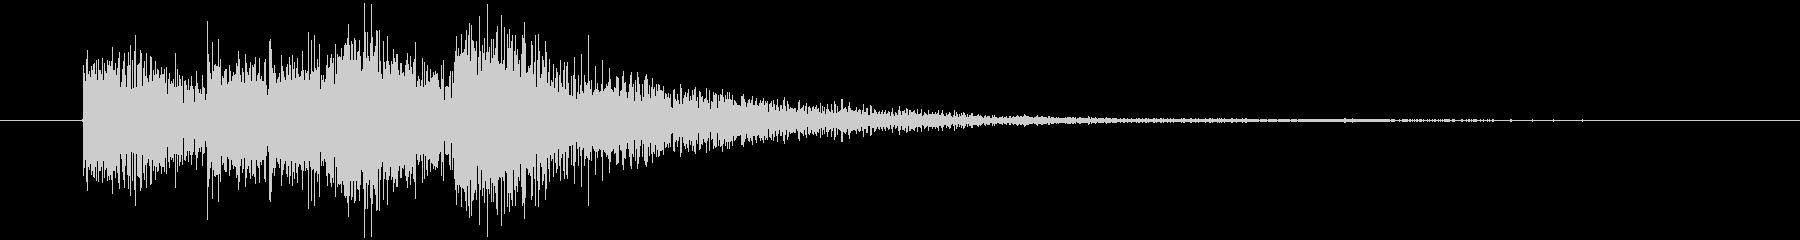 サウンドロゴ・オーケストラ(軽やか)の未再生の波形